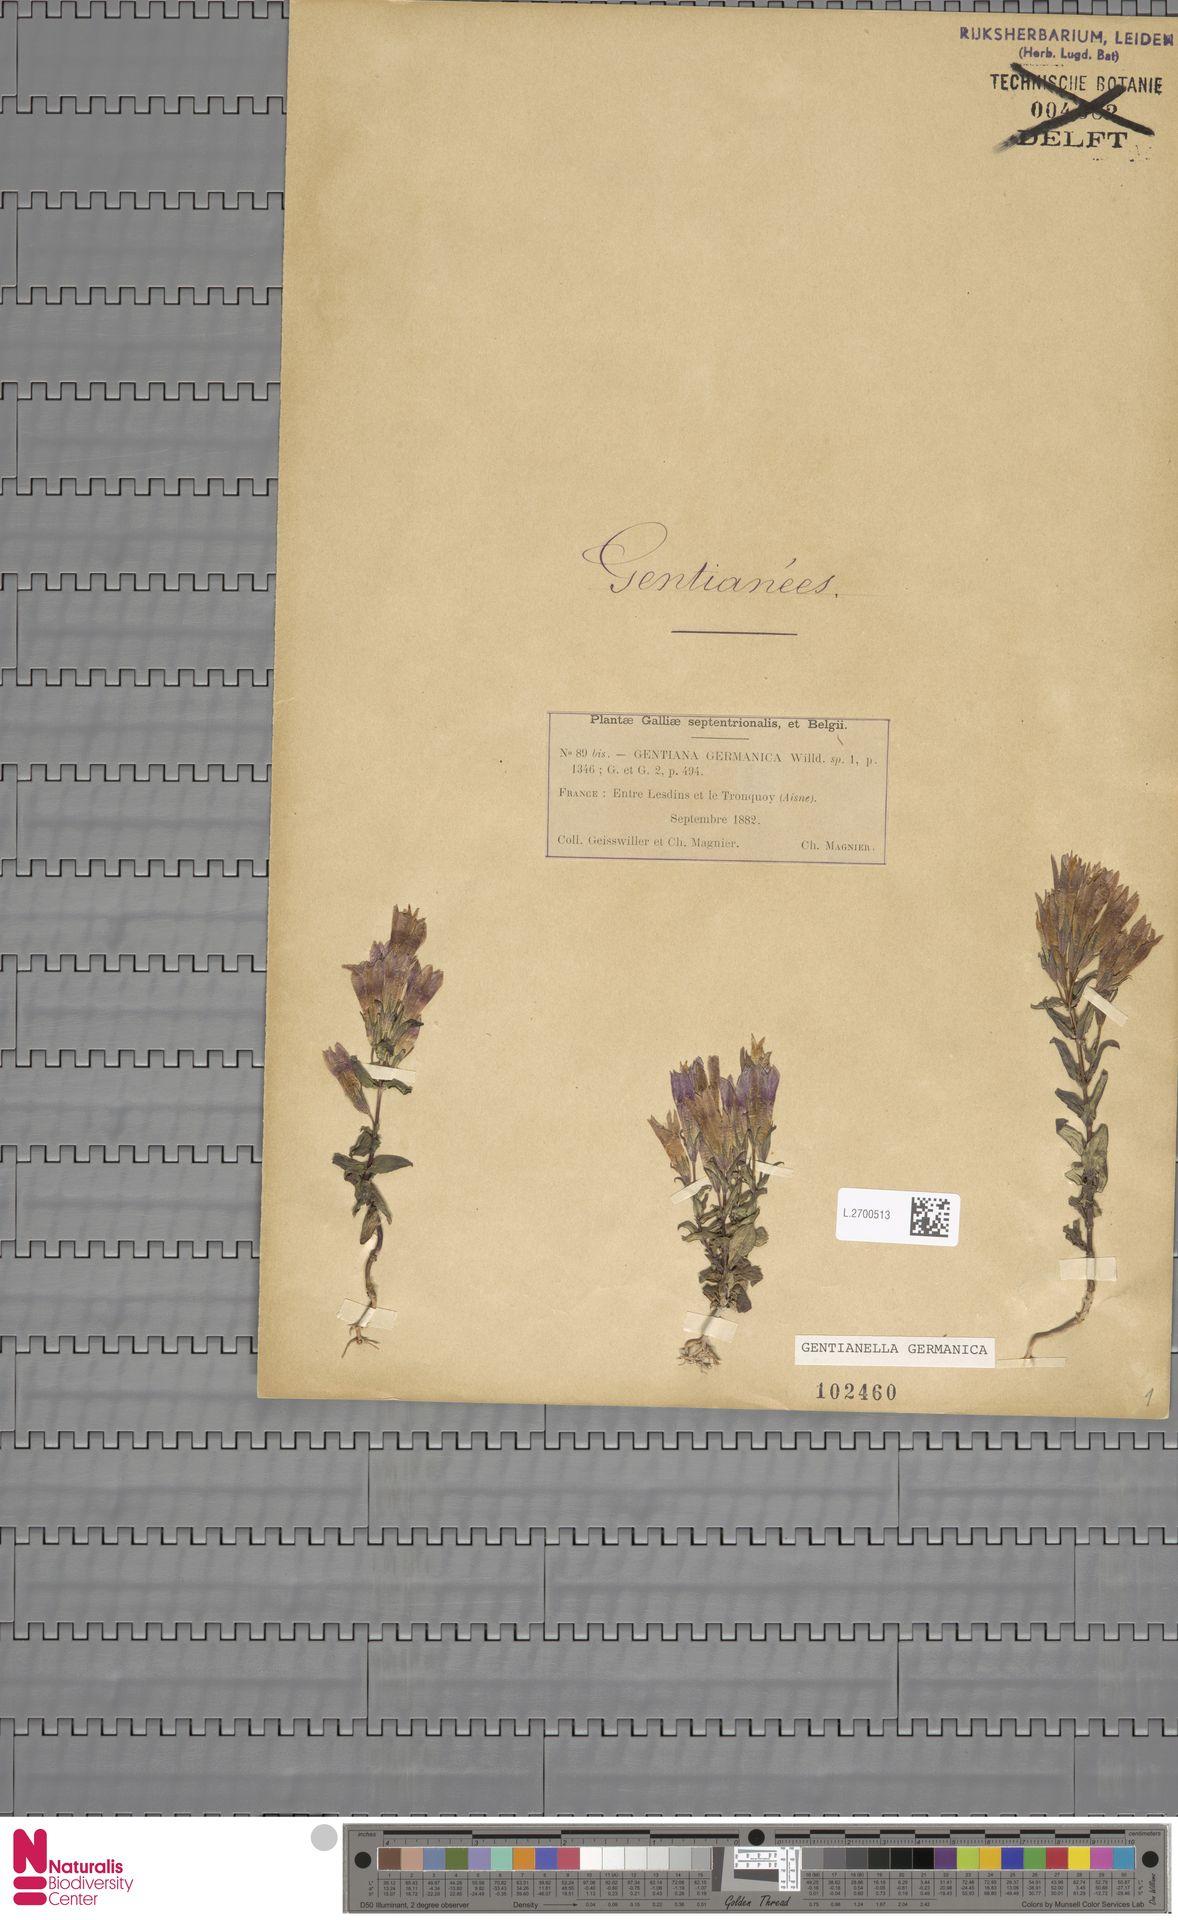 L.2700513 | Gentianella germanica (Willd.) E.F.Warb.